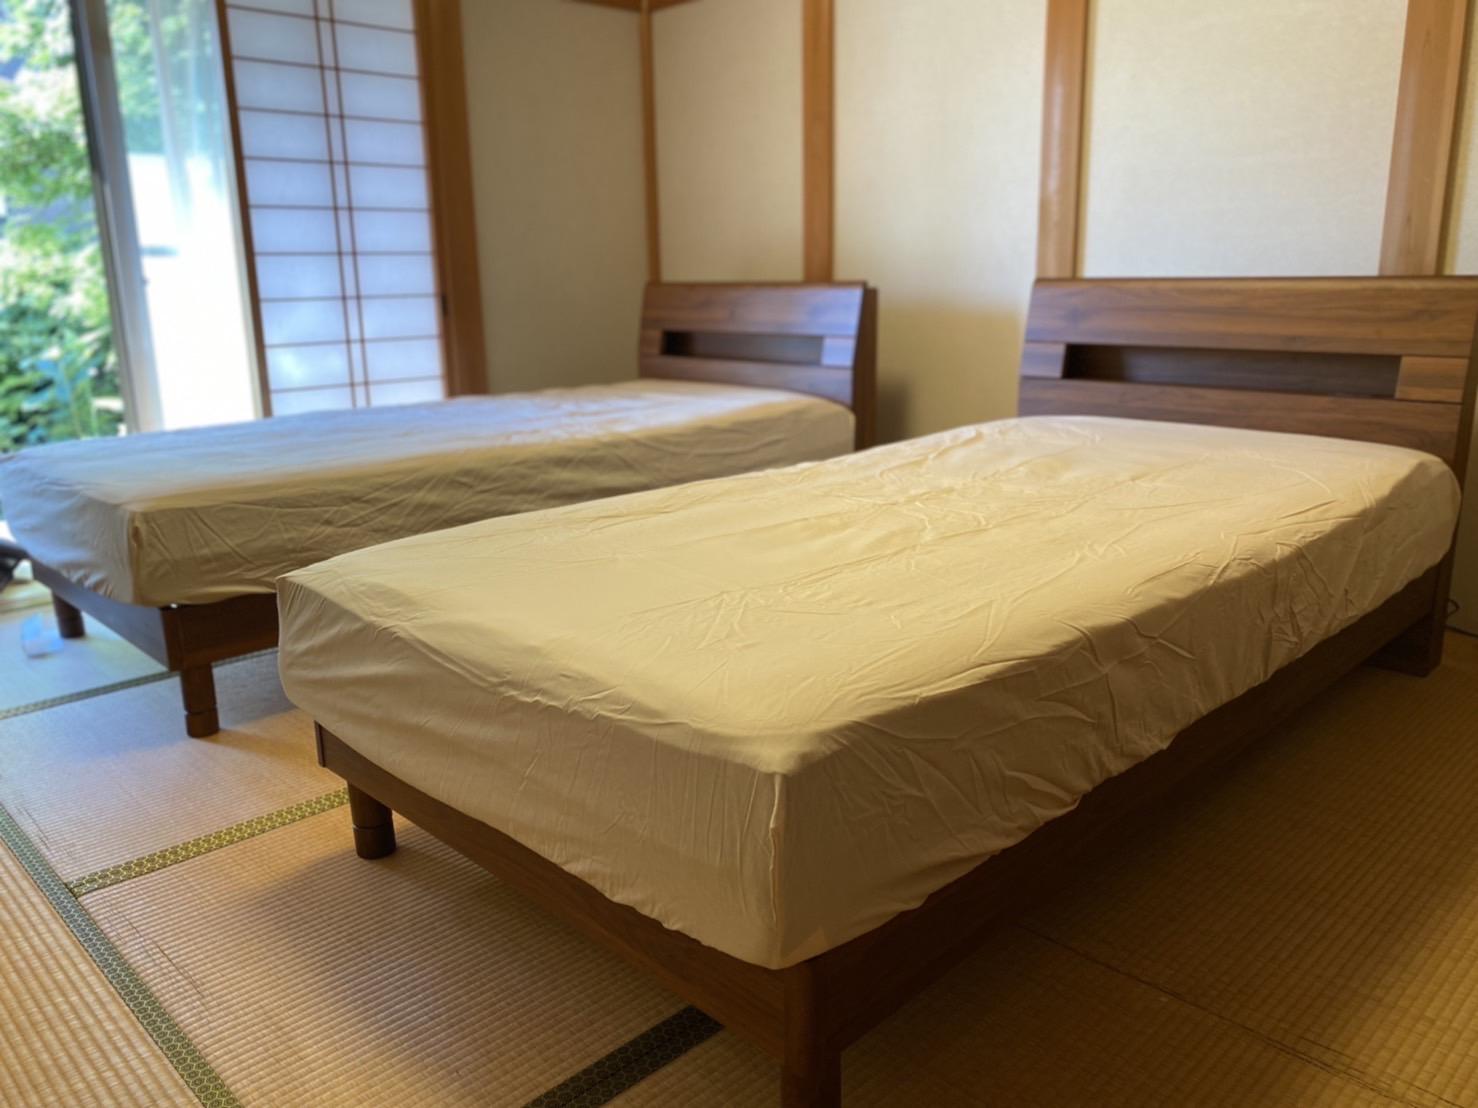 畳の部屋(和室)にもベッドは設置できますよ!1階を寝室に。